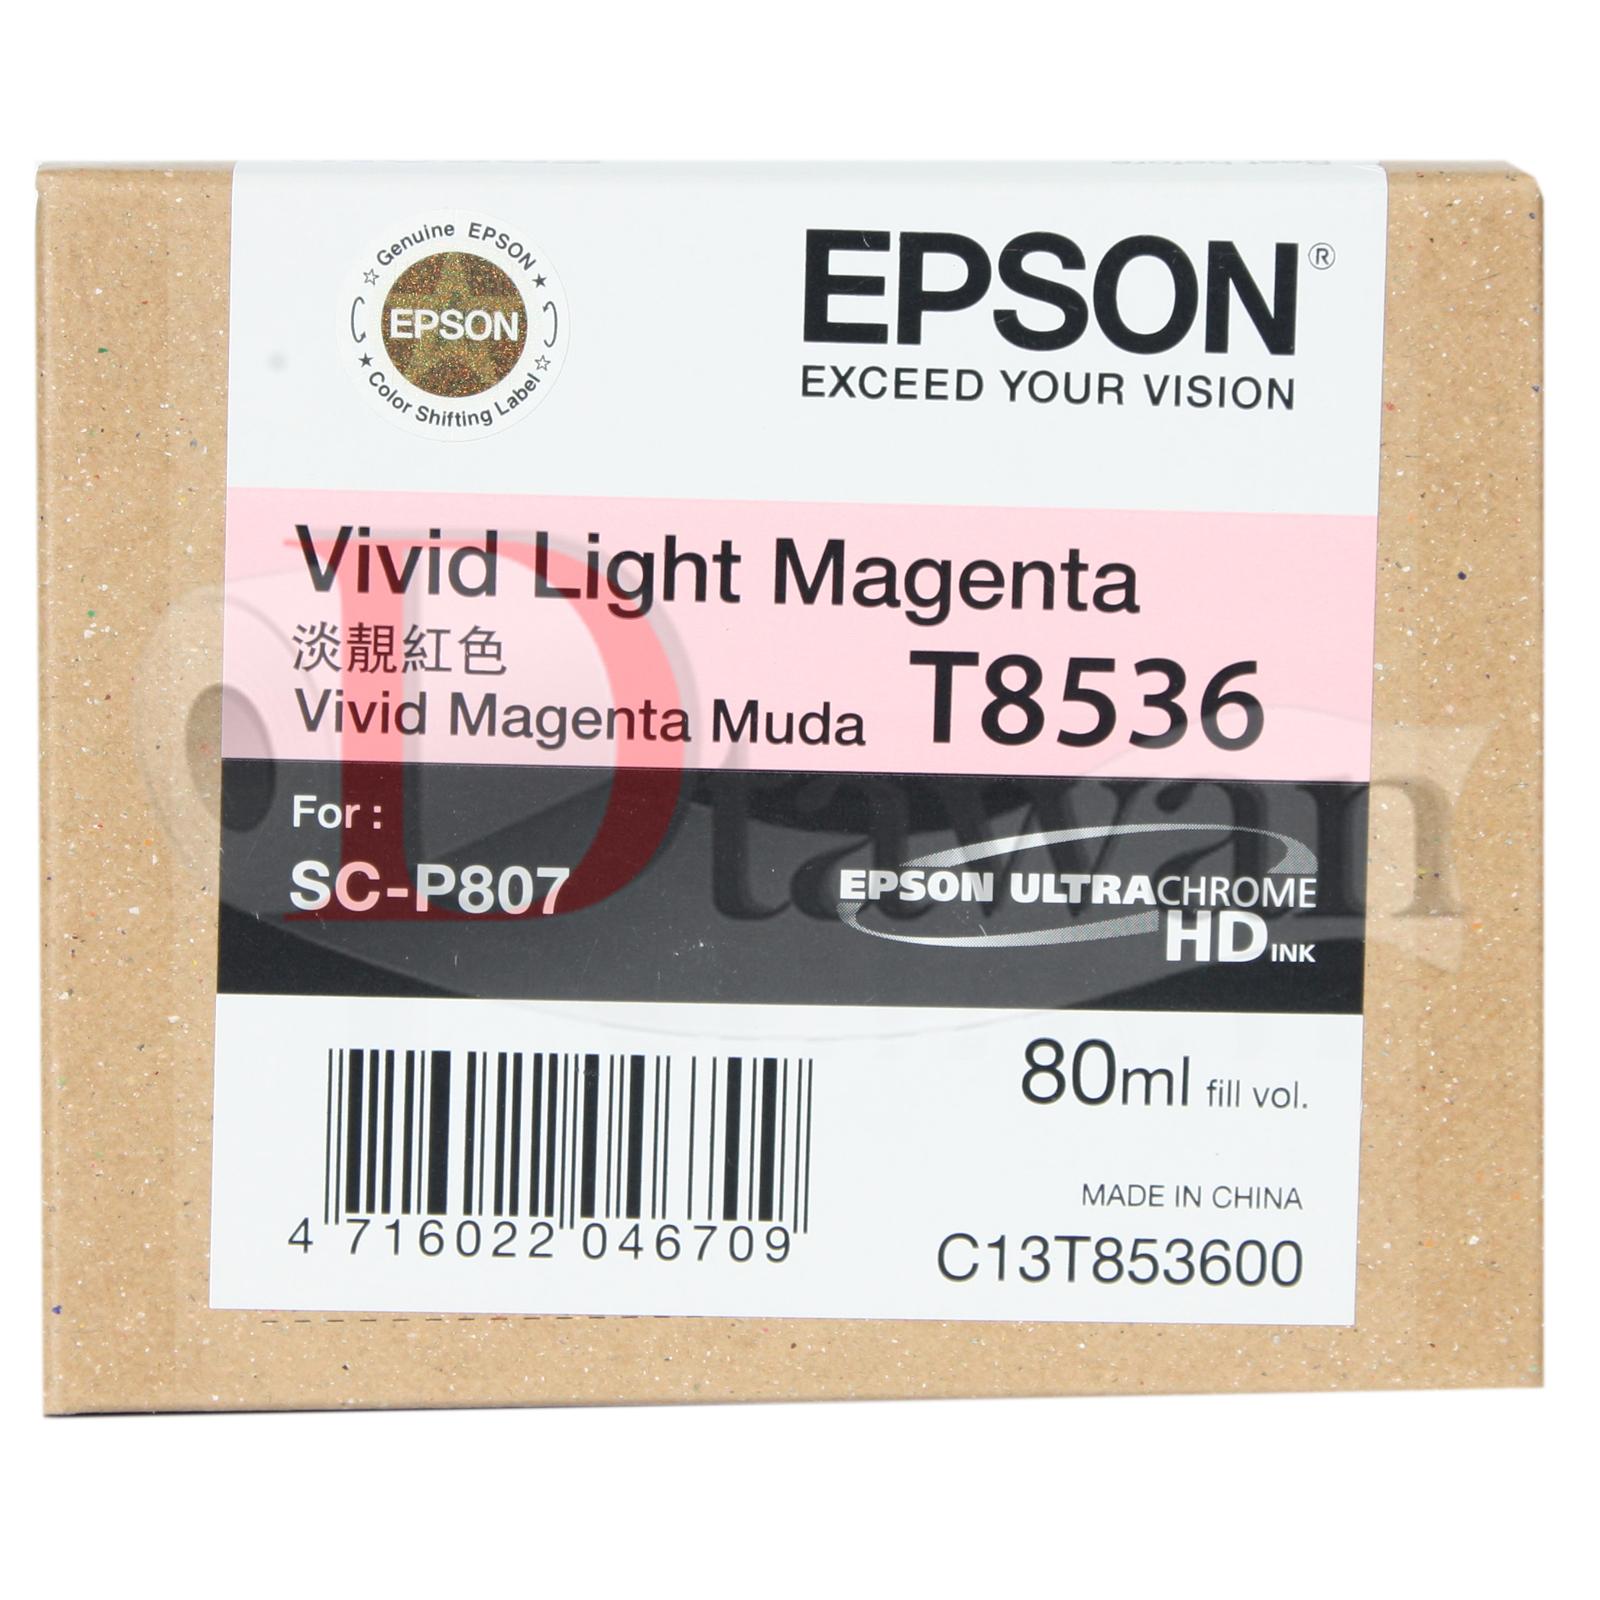 ตลับหมึกสำหรับ EPSON P807 รหัส T8536 สี LIGHT MAGENTA